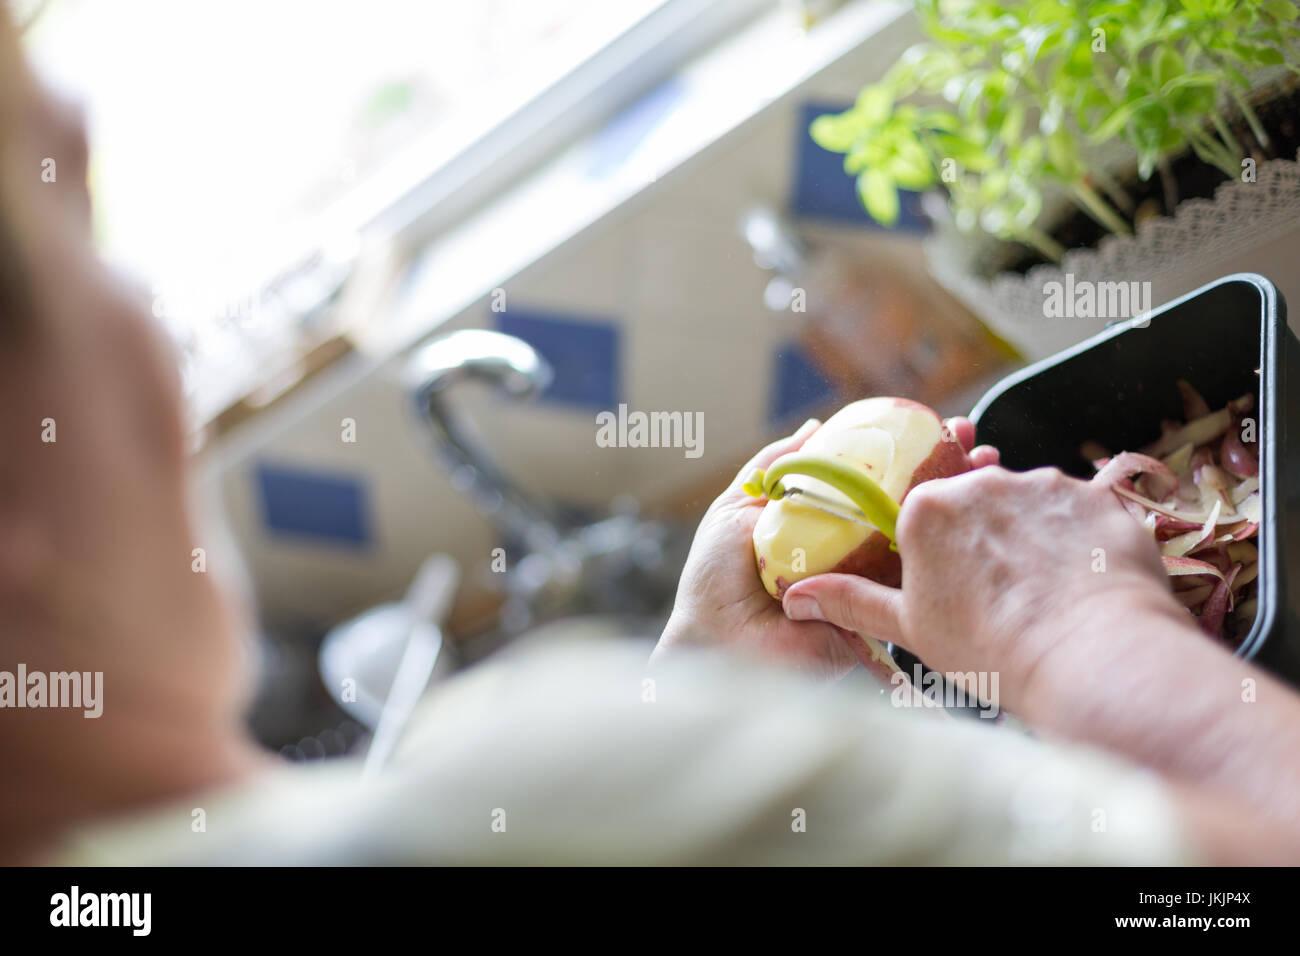 Ältere Frau rote Kartoffeln schälen Zubereitung von Speisen. Horizontale Ausrichtung mit selektiven Fokus Stockbild